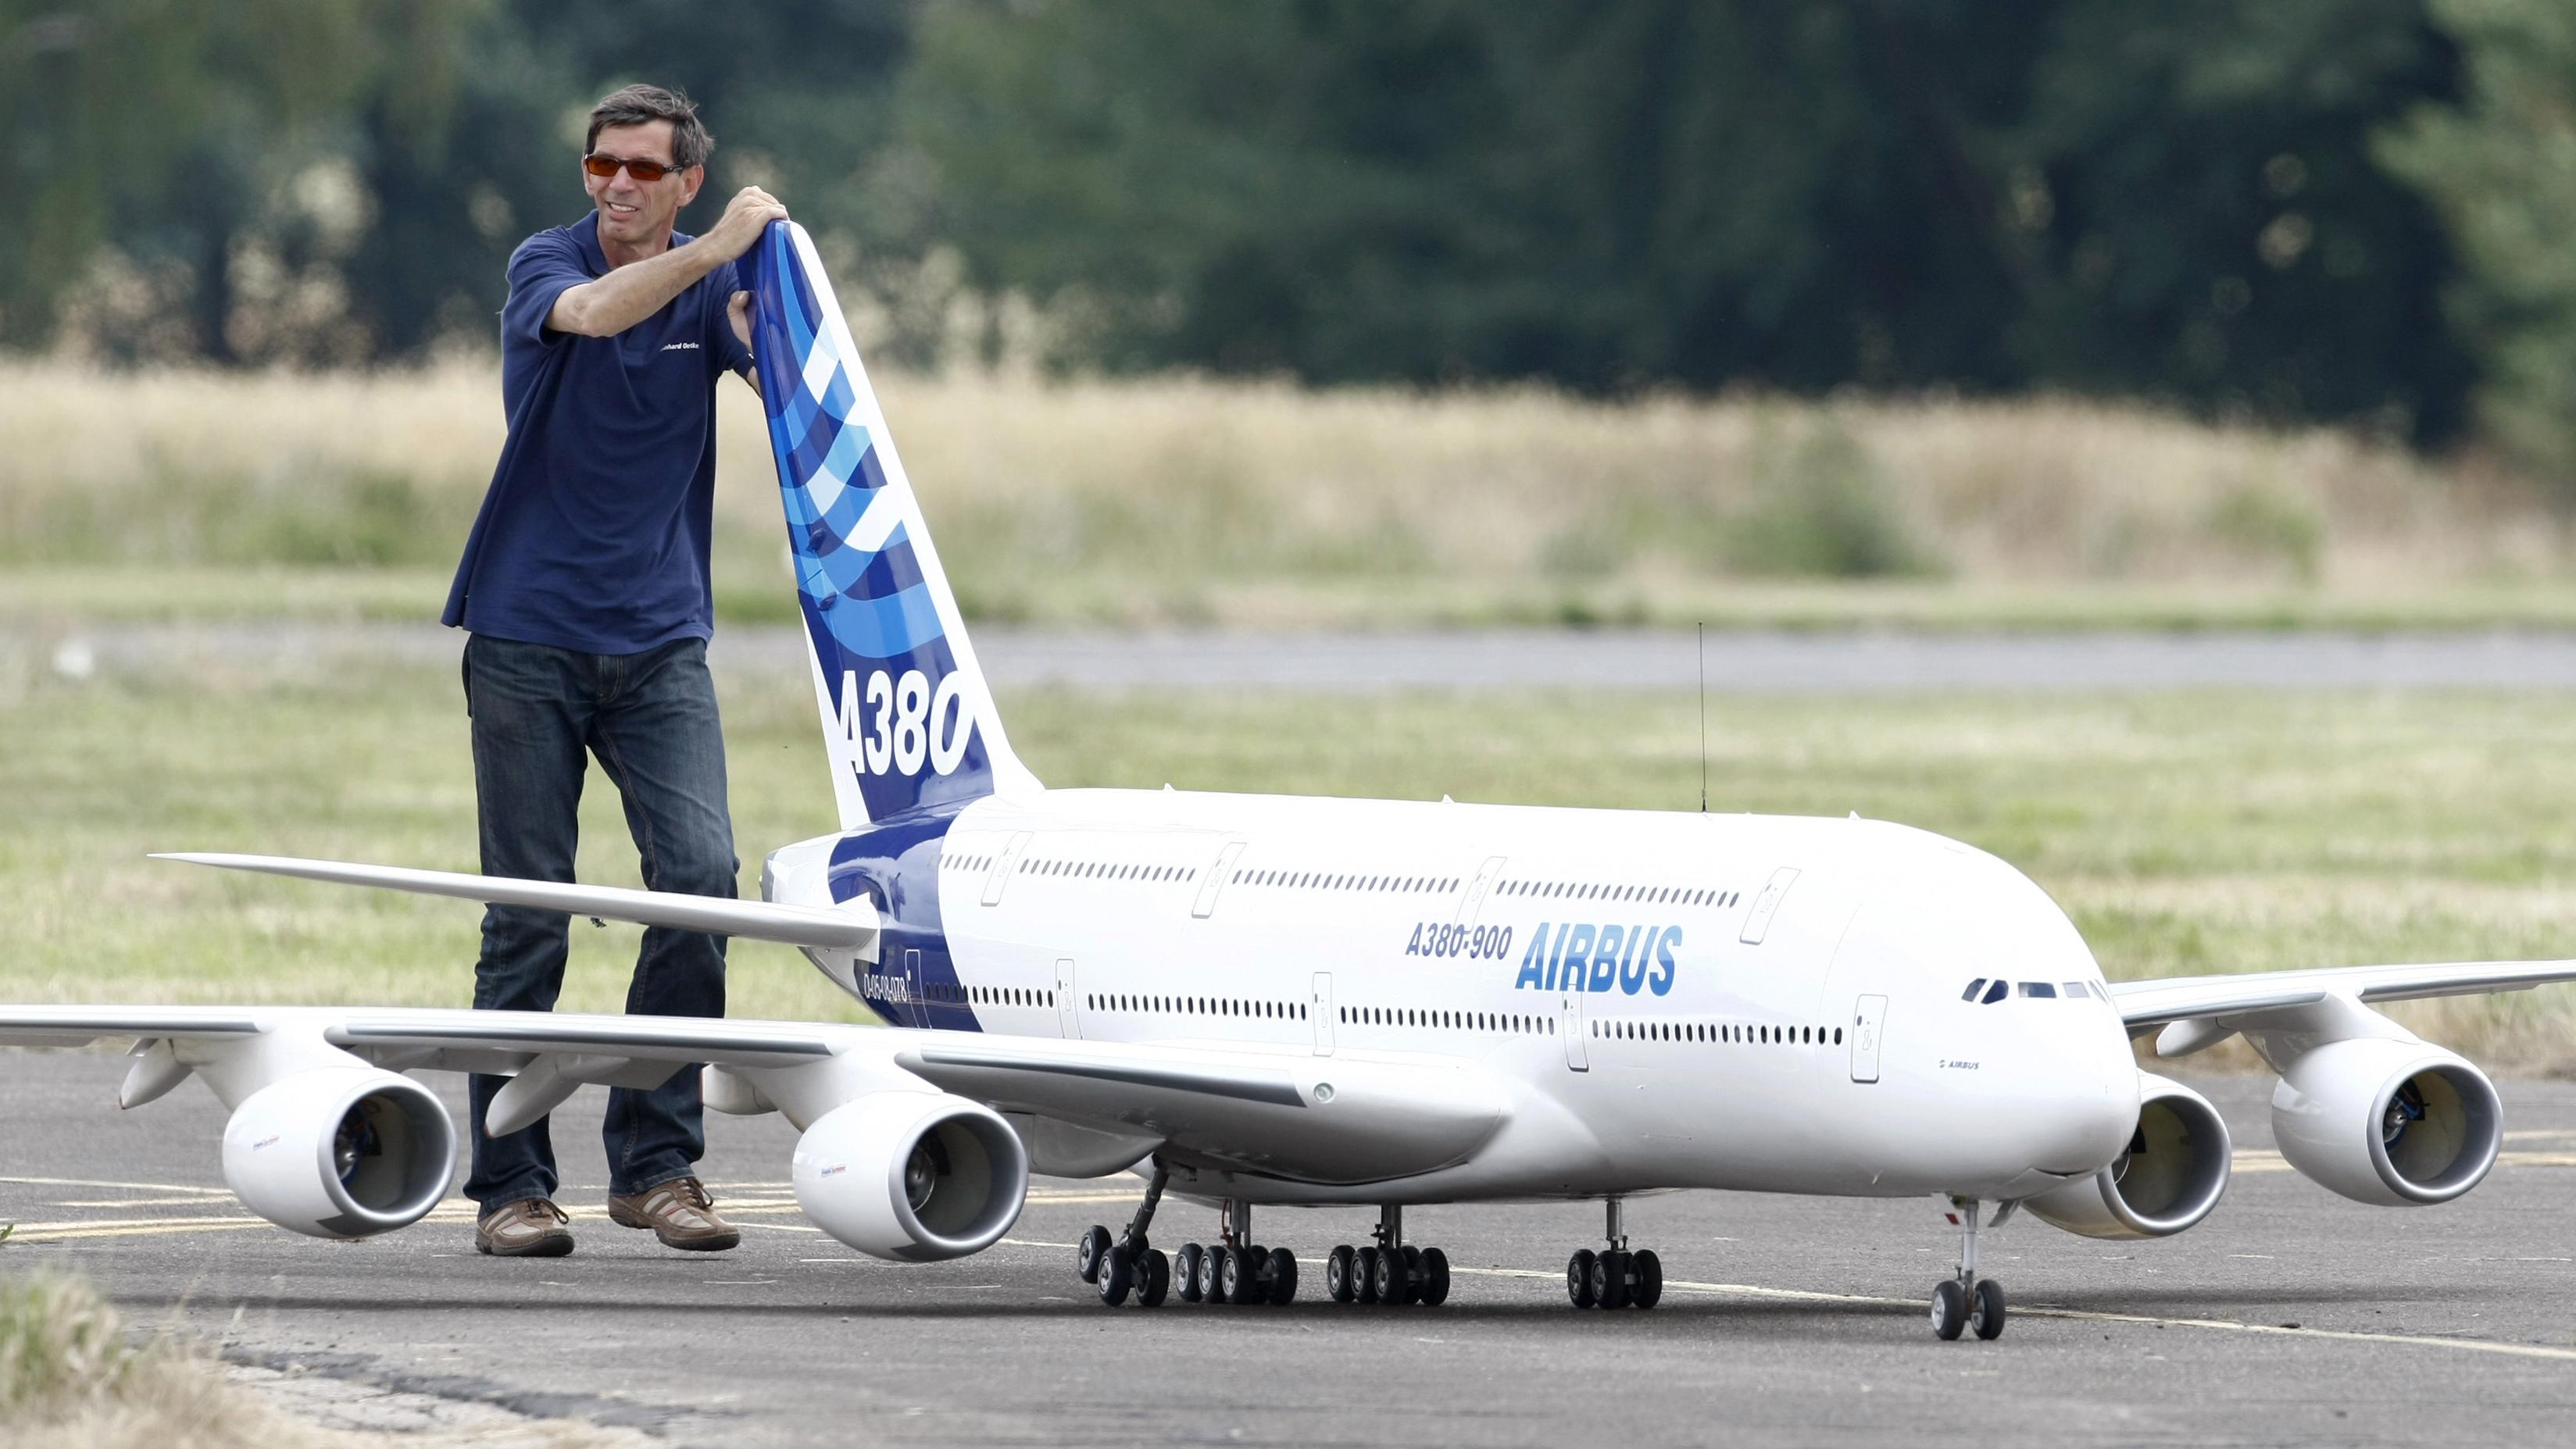 Airbus 380-900